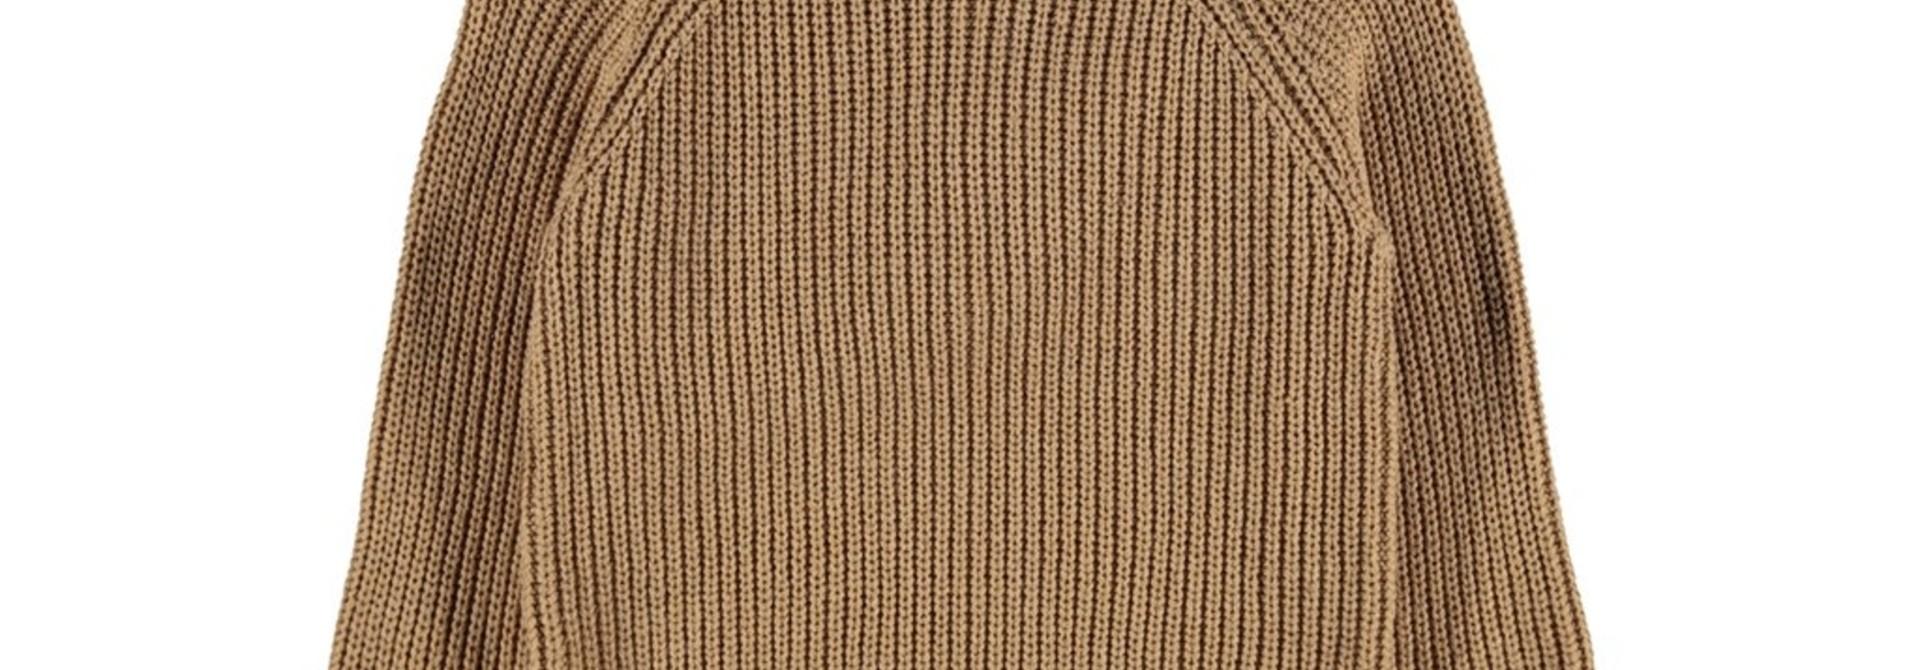 Imilio Longsleeve Knit - Glazed Ginger